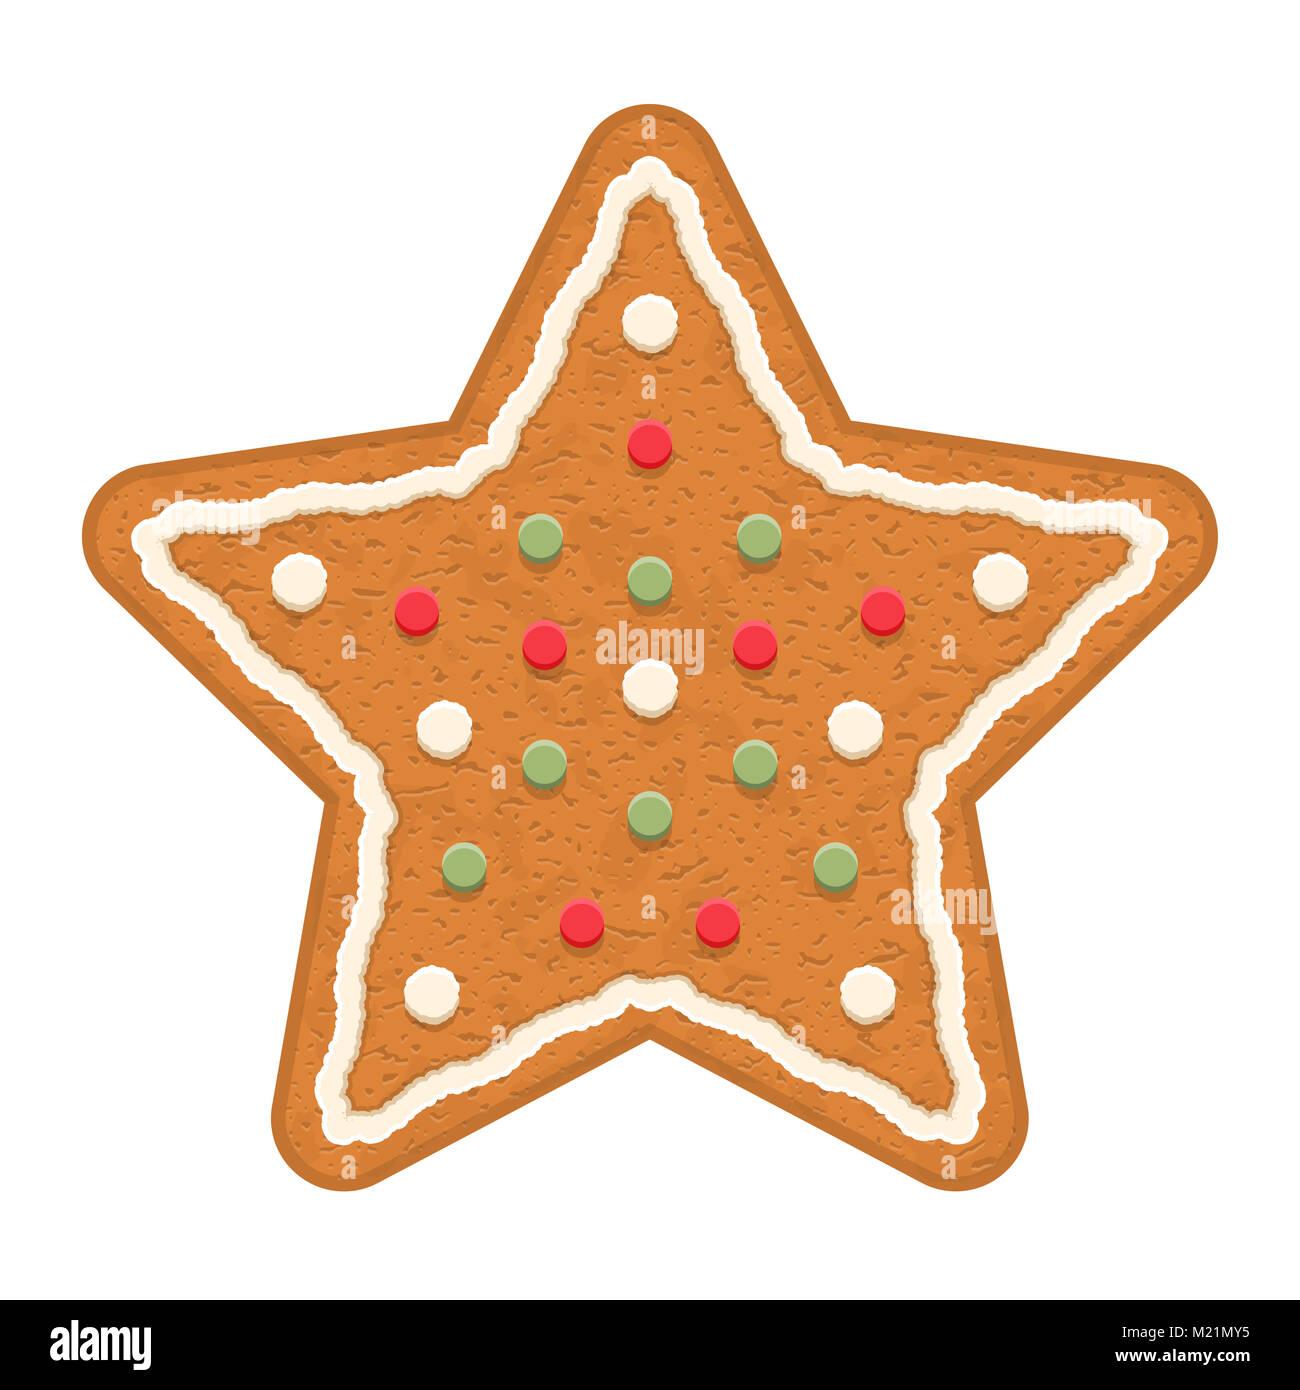 Gingerbread star, tradizionale Natale cookie, vettoriale EPS10 illustrazione Immagini Stock